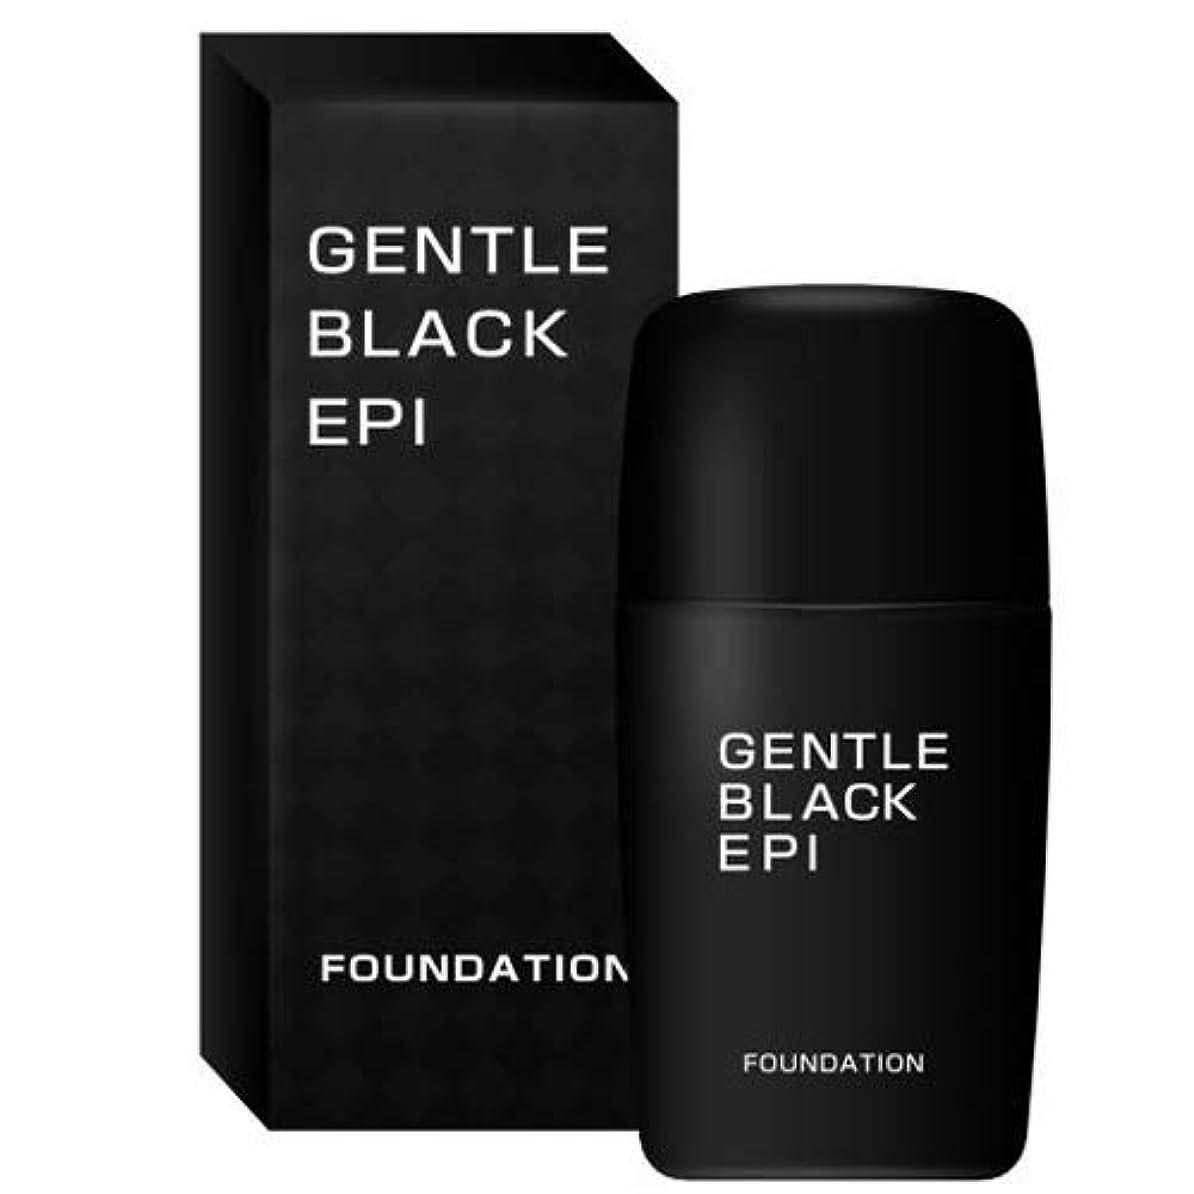 ぐったりルーフ開始GENTLE BLACK EPI FAUNDATION ジェントルブラックエピファンデーション